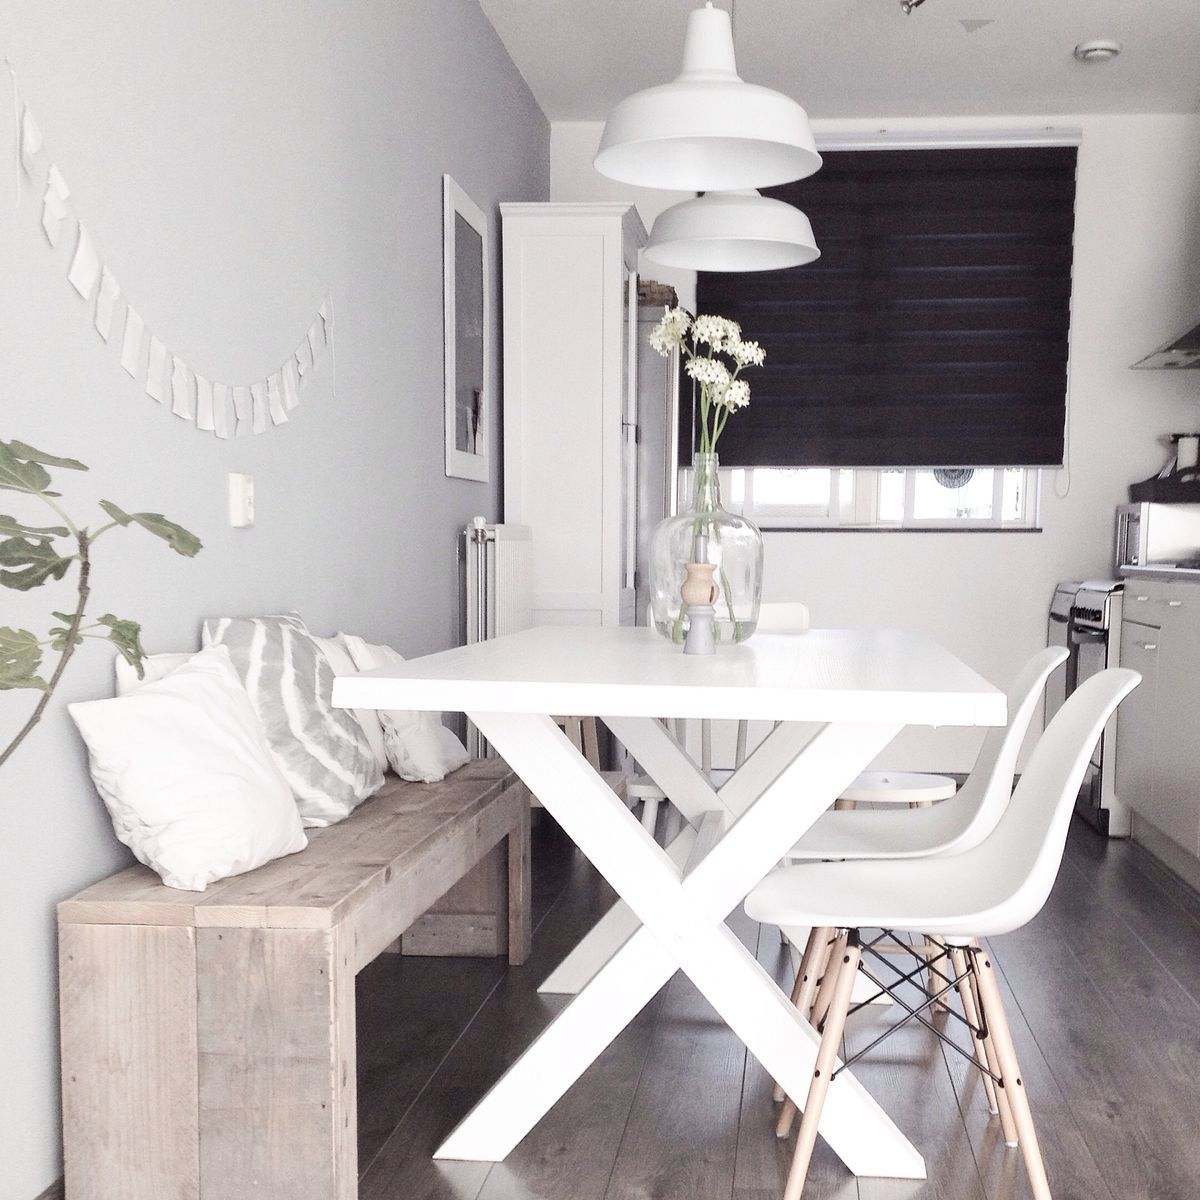 32 ideen für kleine küchen, Haus Dekoration | Ideen für Wohnungen ...